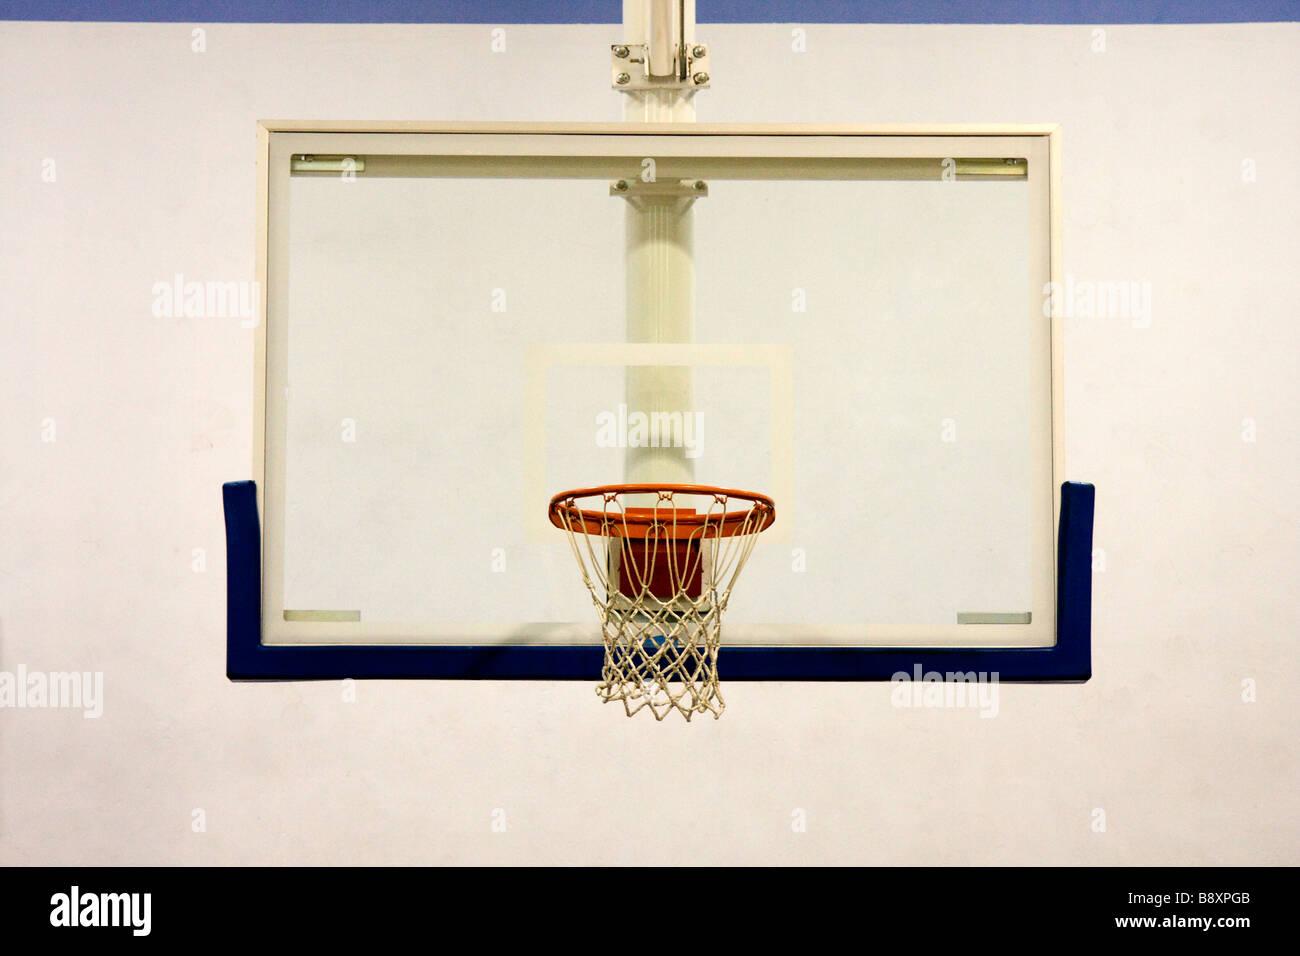 Piscine de basket-ball dans le gymnase de l'école Photo Stock